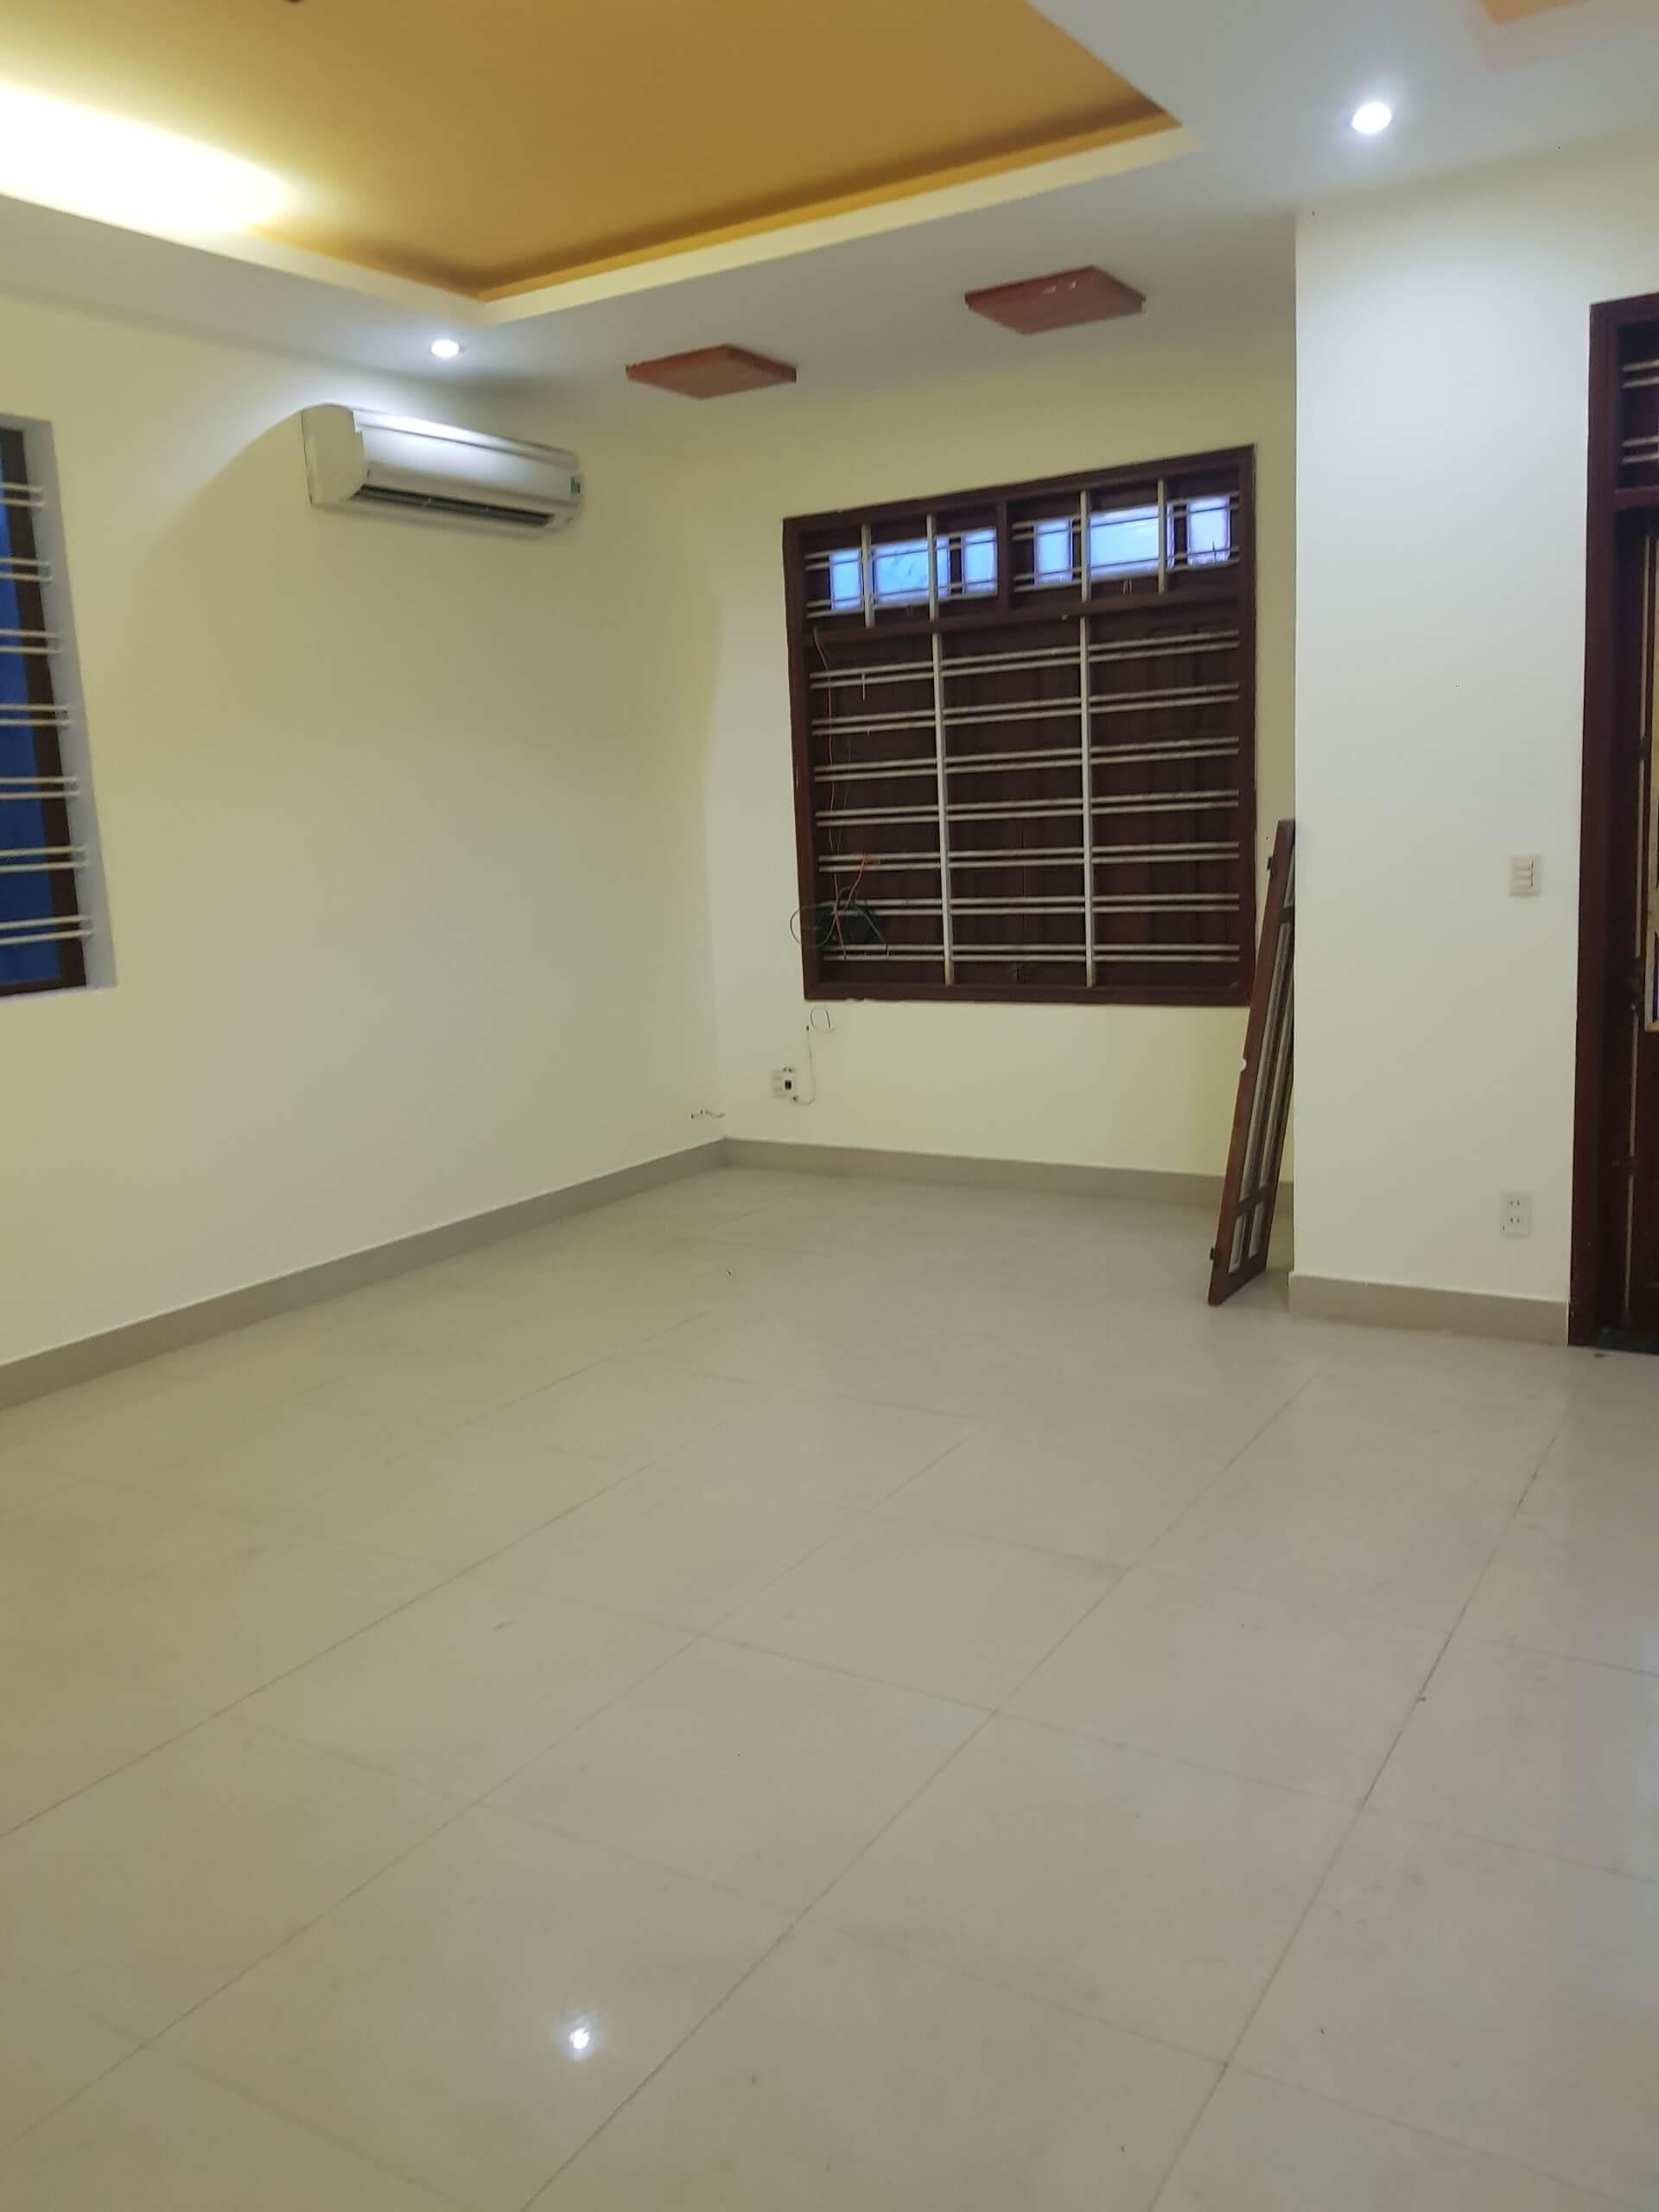 phòng ngủ nhà đường k20 - Ngũ Hành Sơn - Đà Nẵng